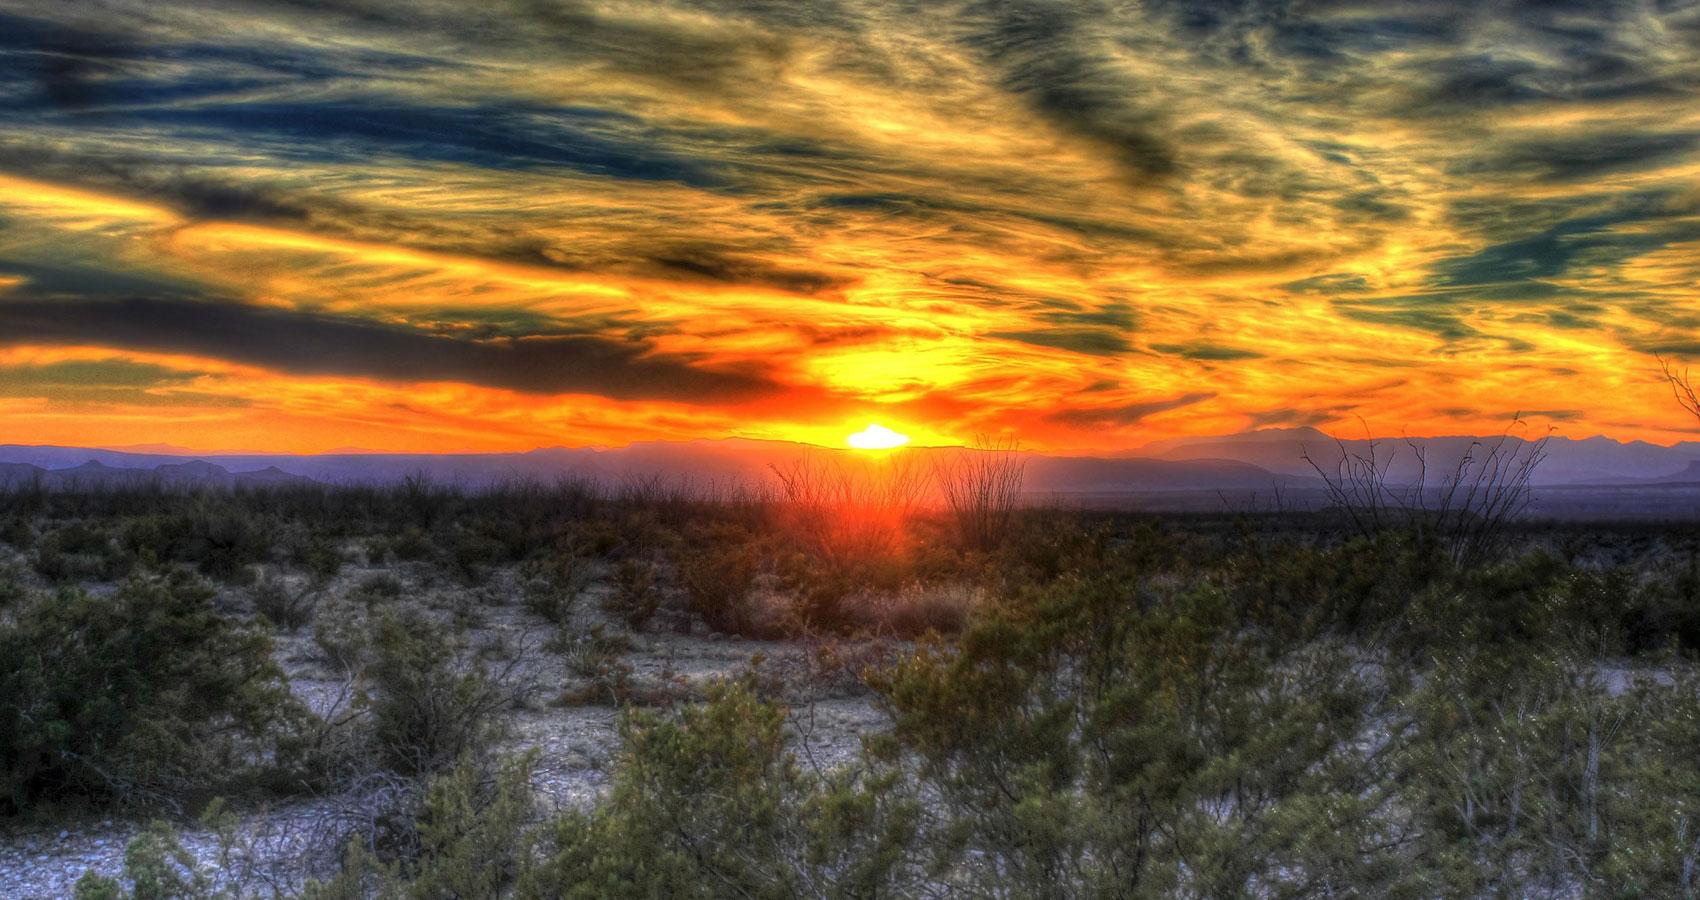 Texas Sunset, written by John R. Cobb at Spillwords.com